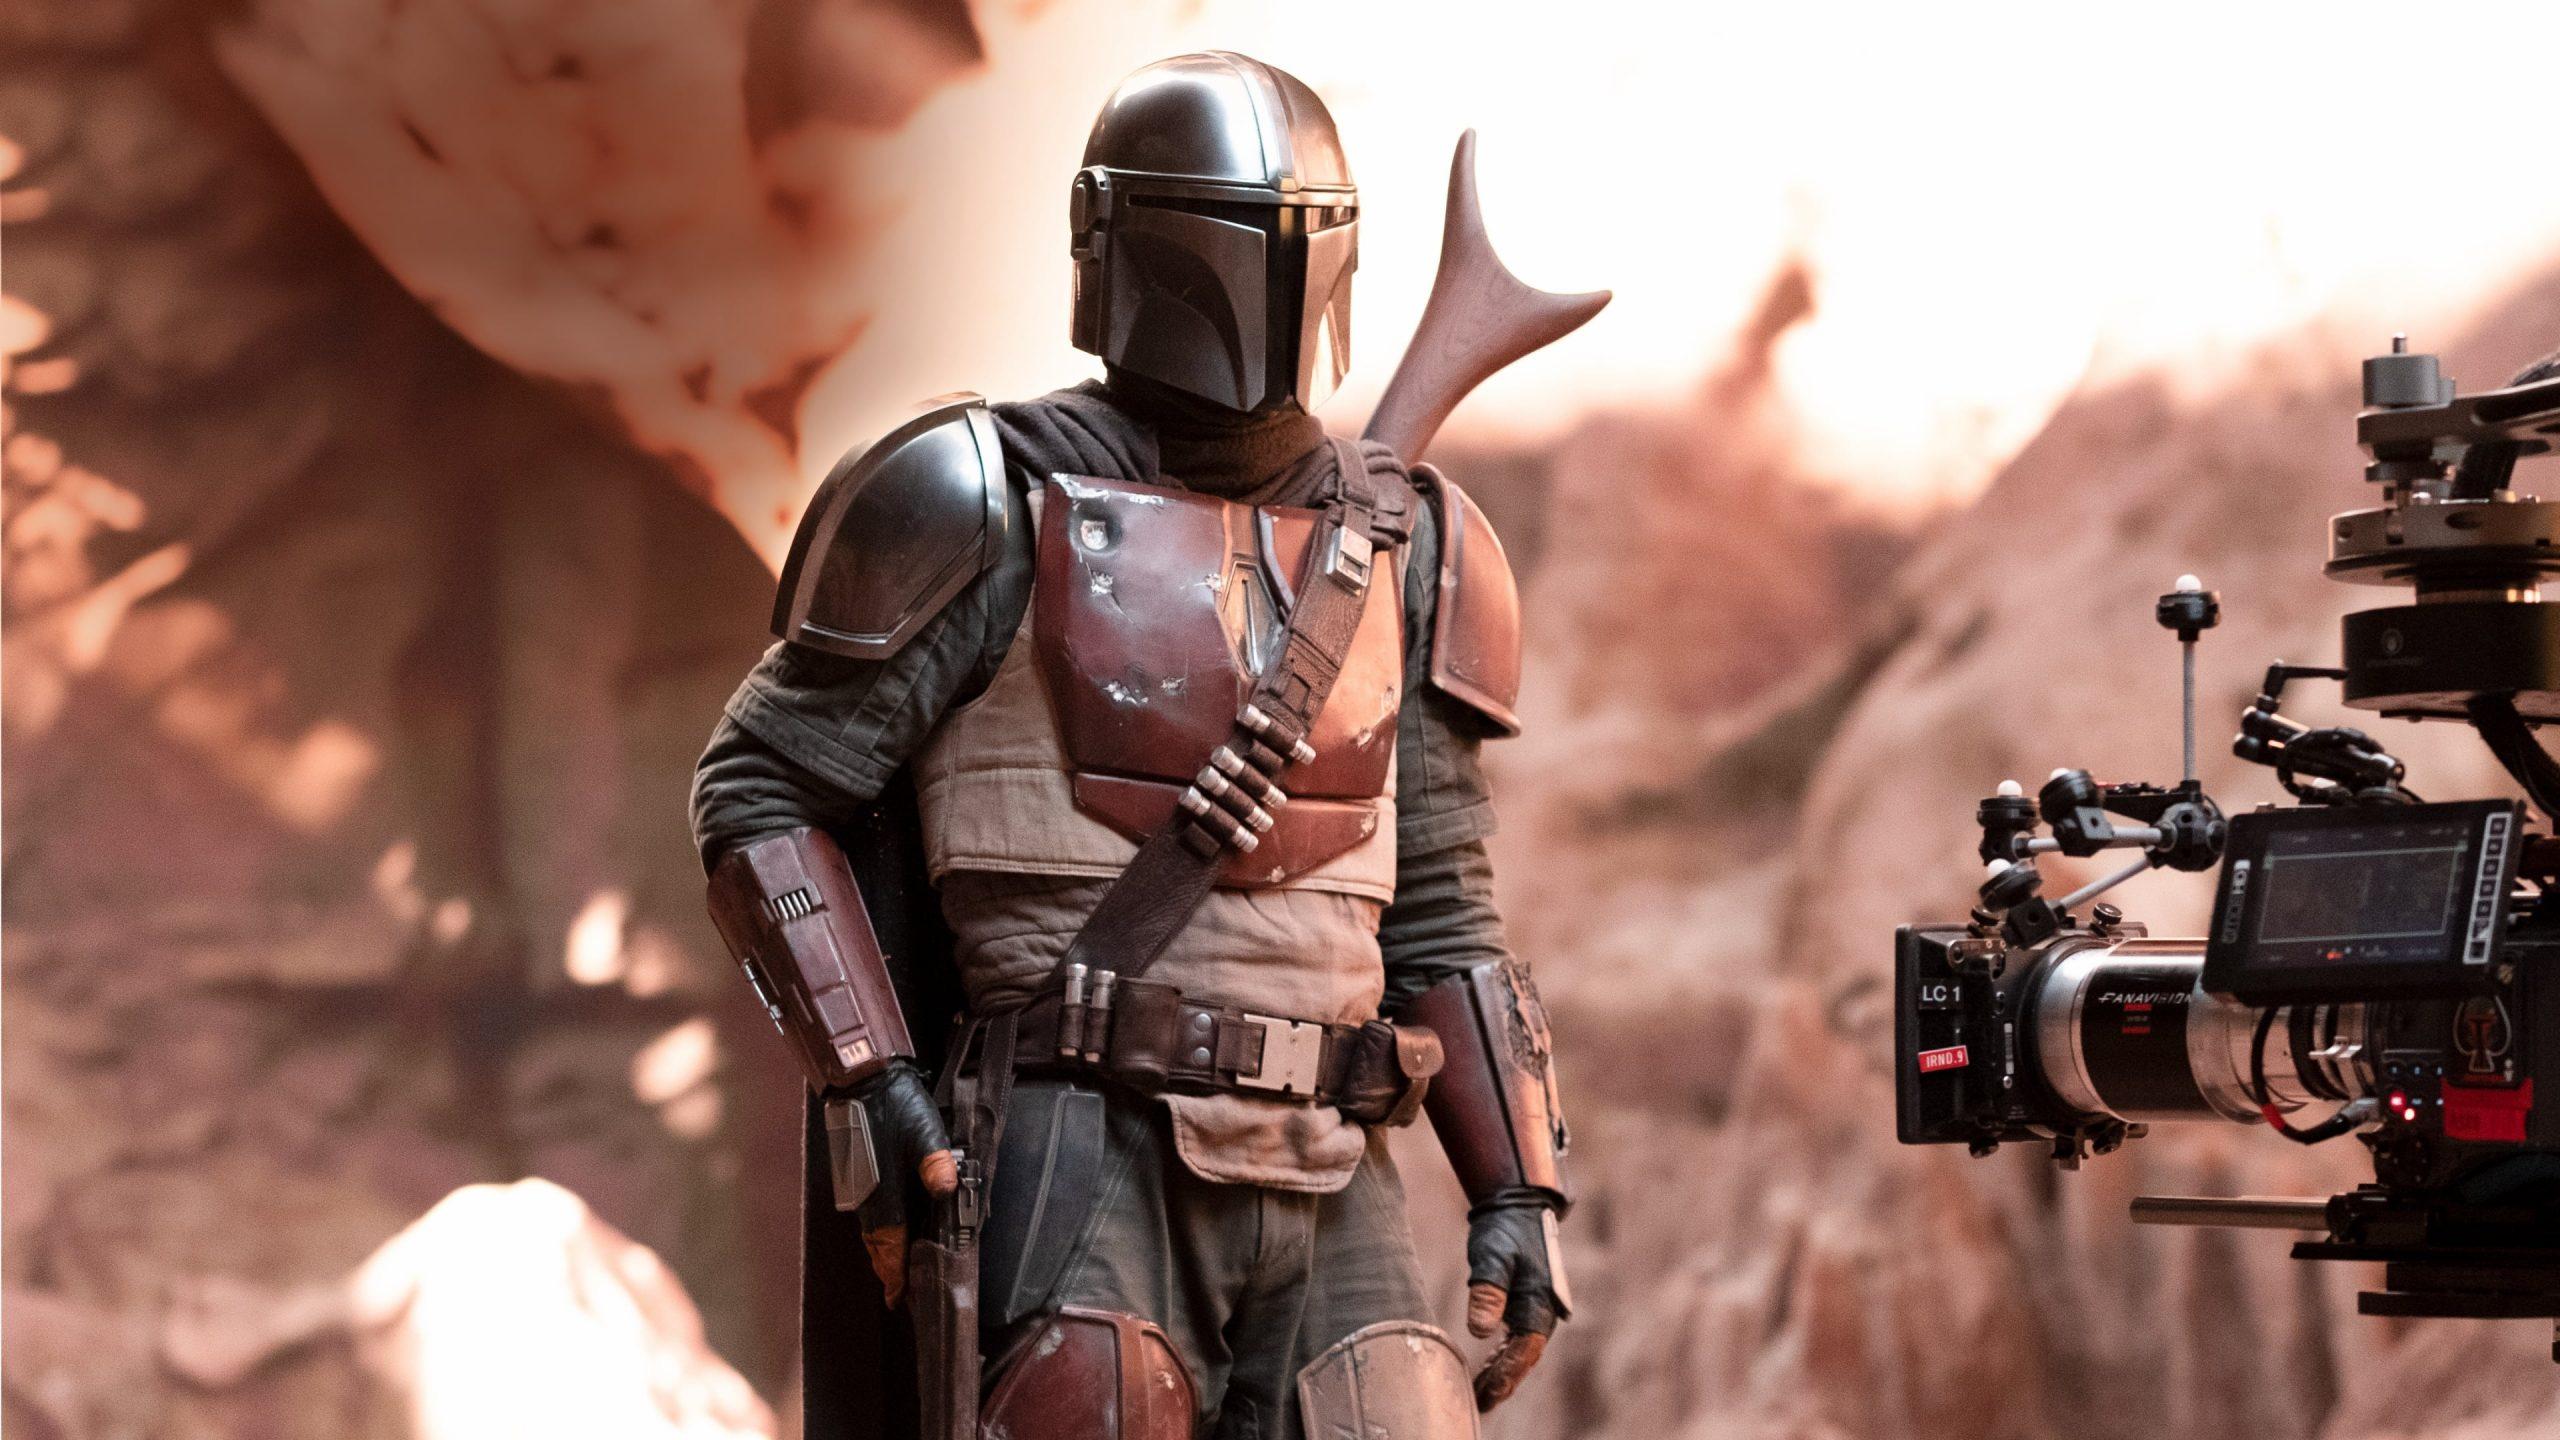 Egy dolog közös bennünk – Disney Gallery: Star Wars: The Mandalorian (2020) pilotajánló